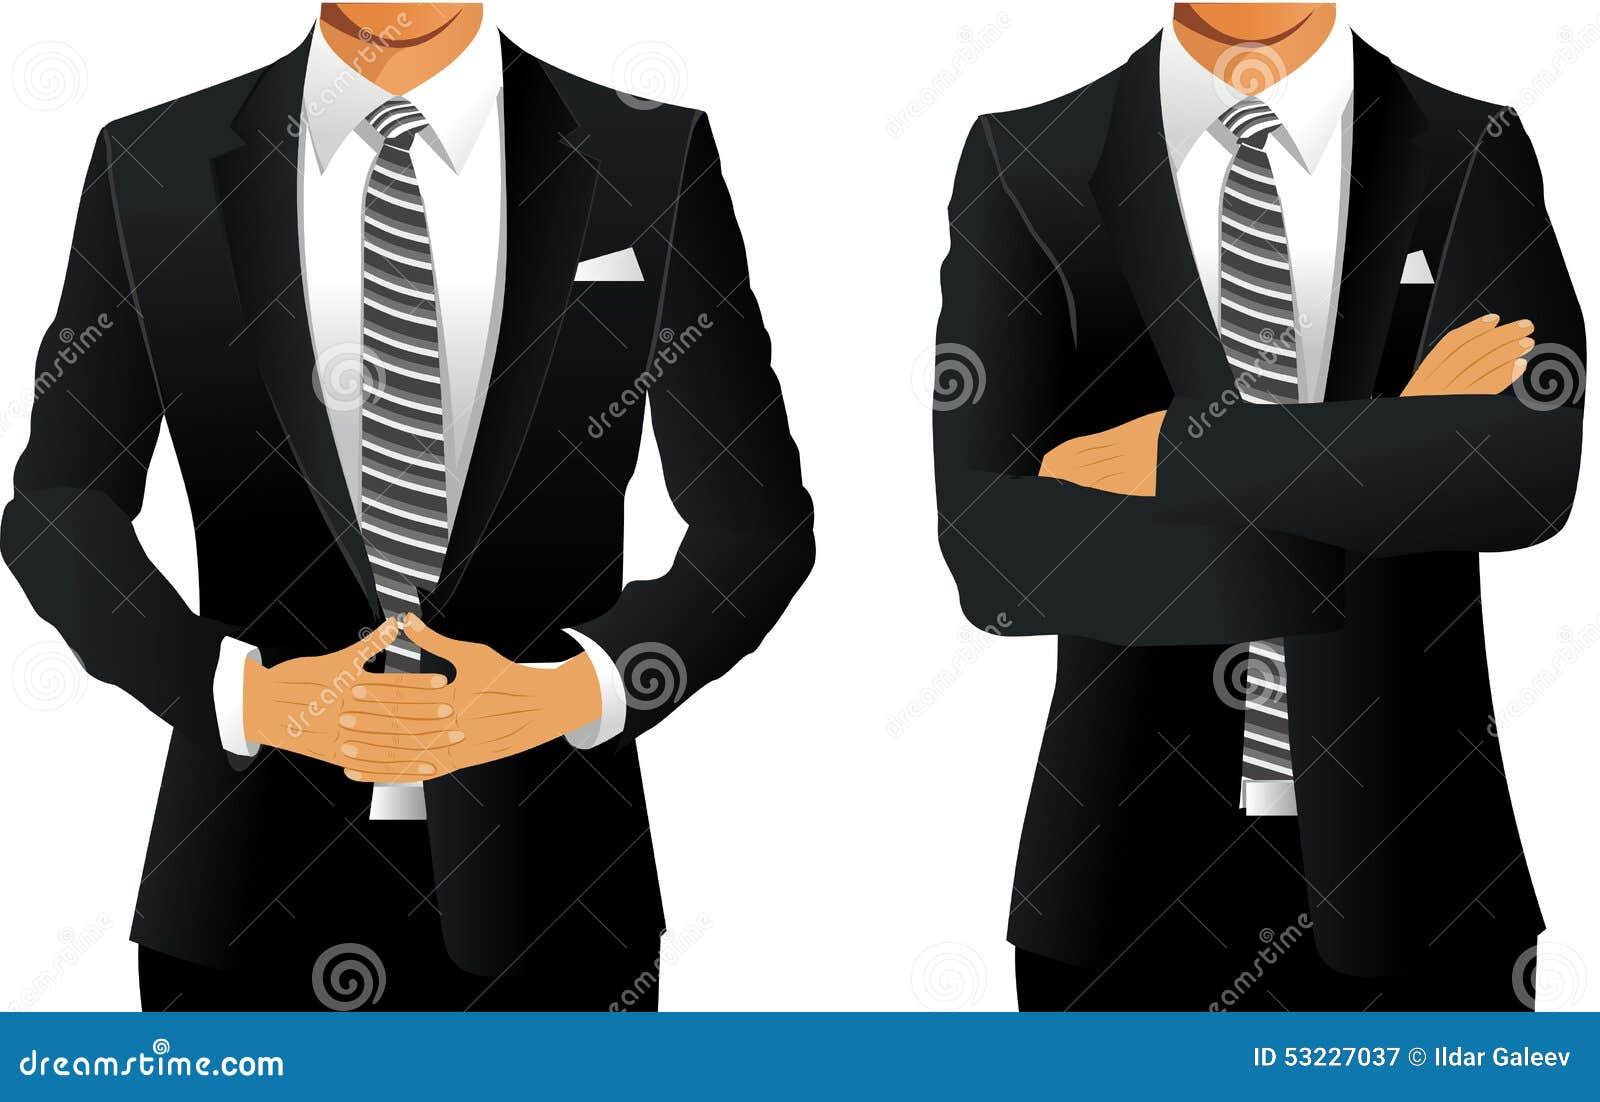 Traje de negocios para los hombres